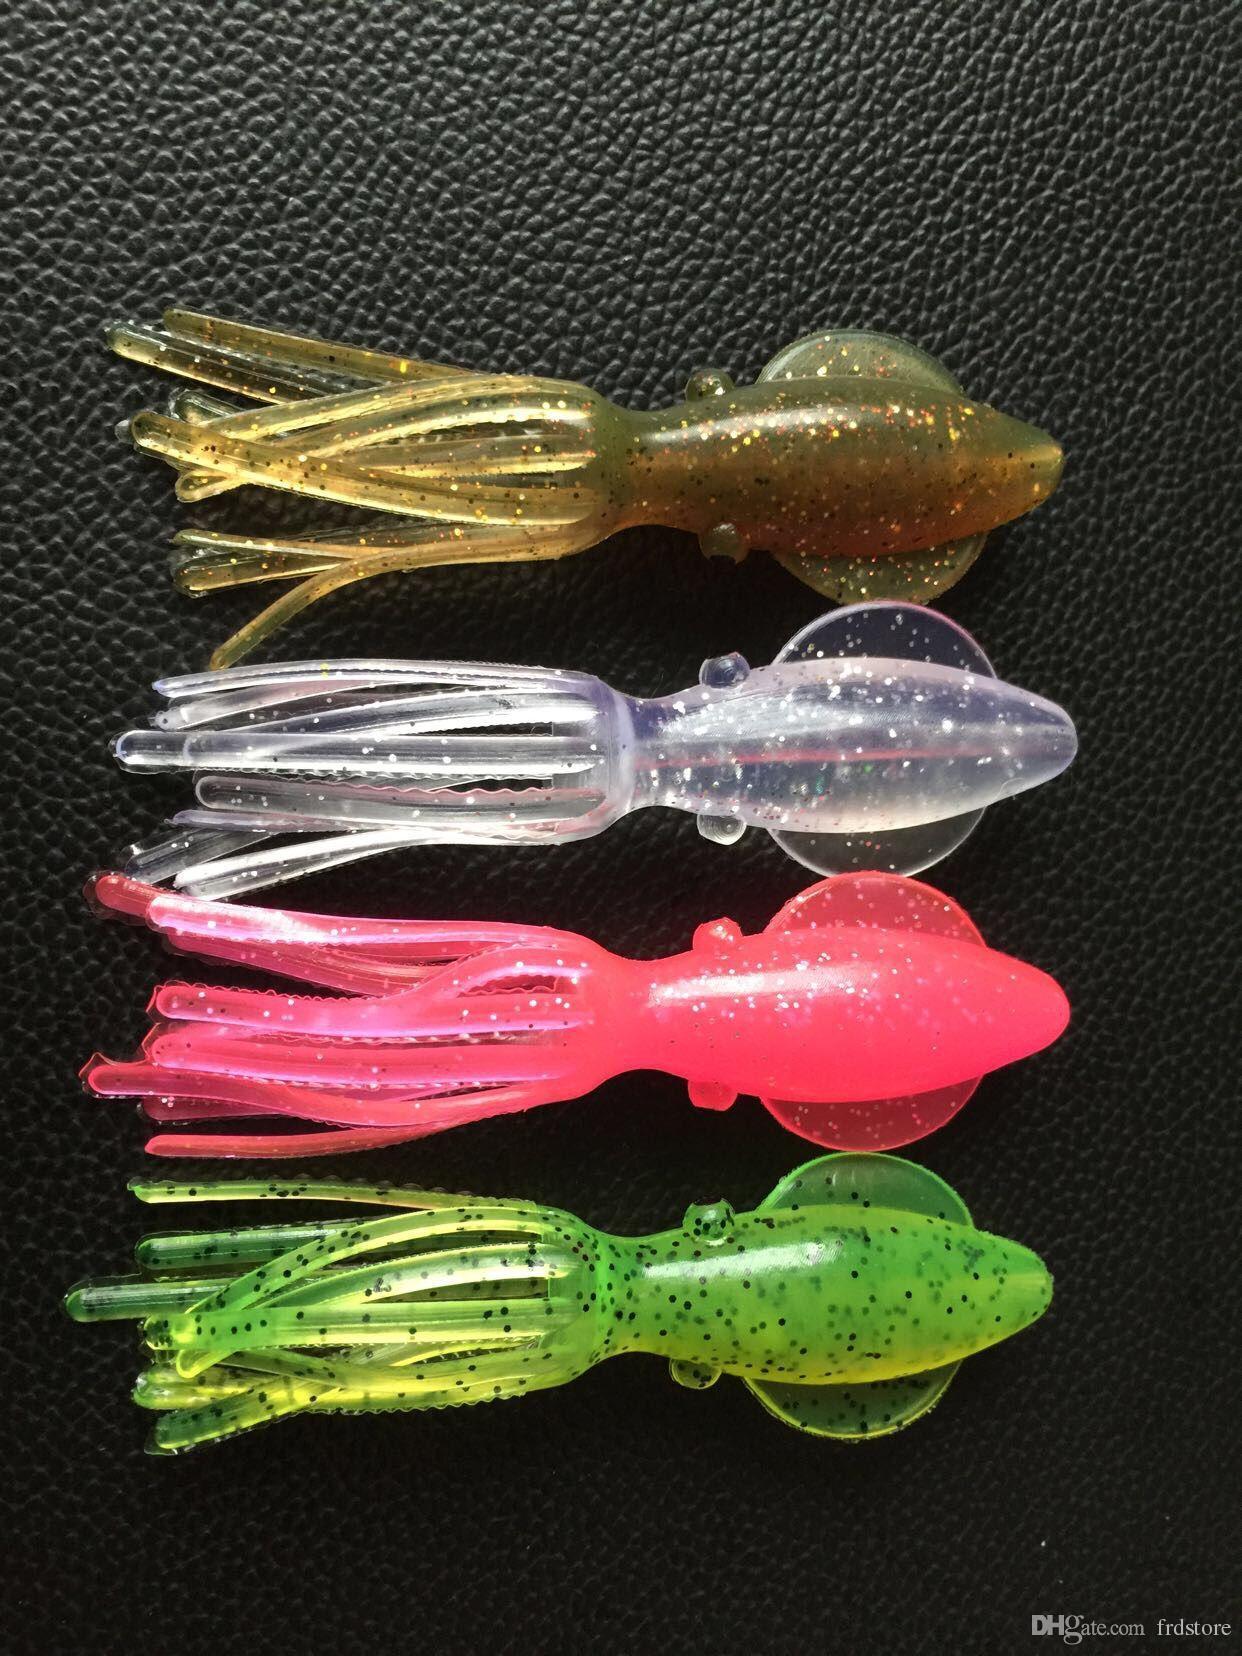 ton balığı pisi balığı levrek morina somon 6.5 cm 3.2g balıkçılık kalamar cazibesi yumuşak yem kanca yok